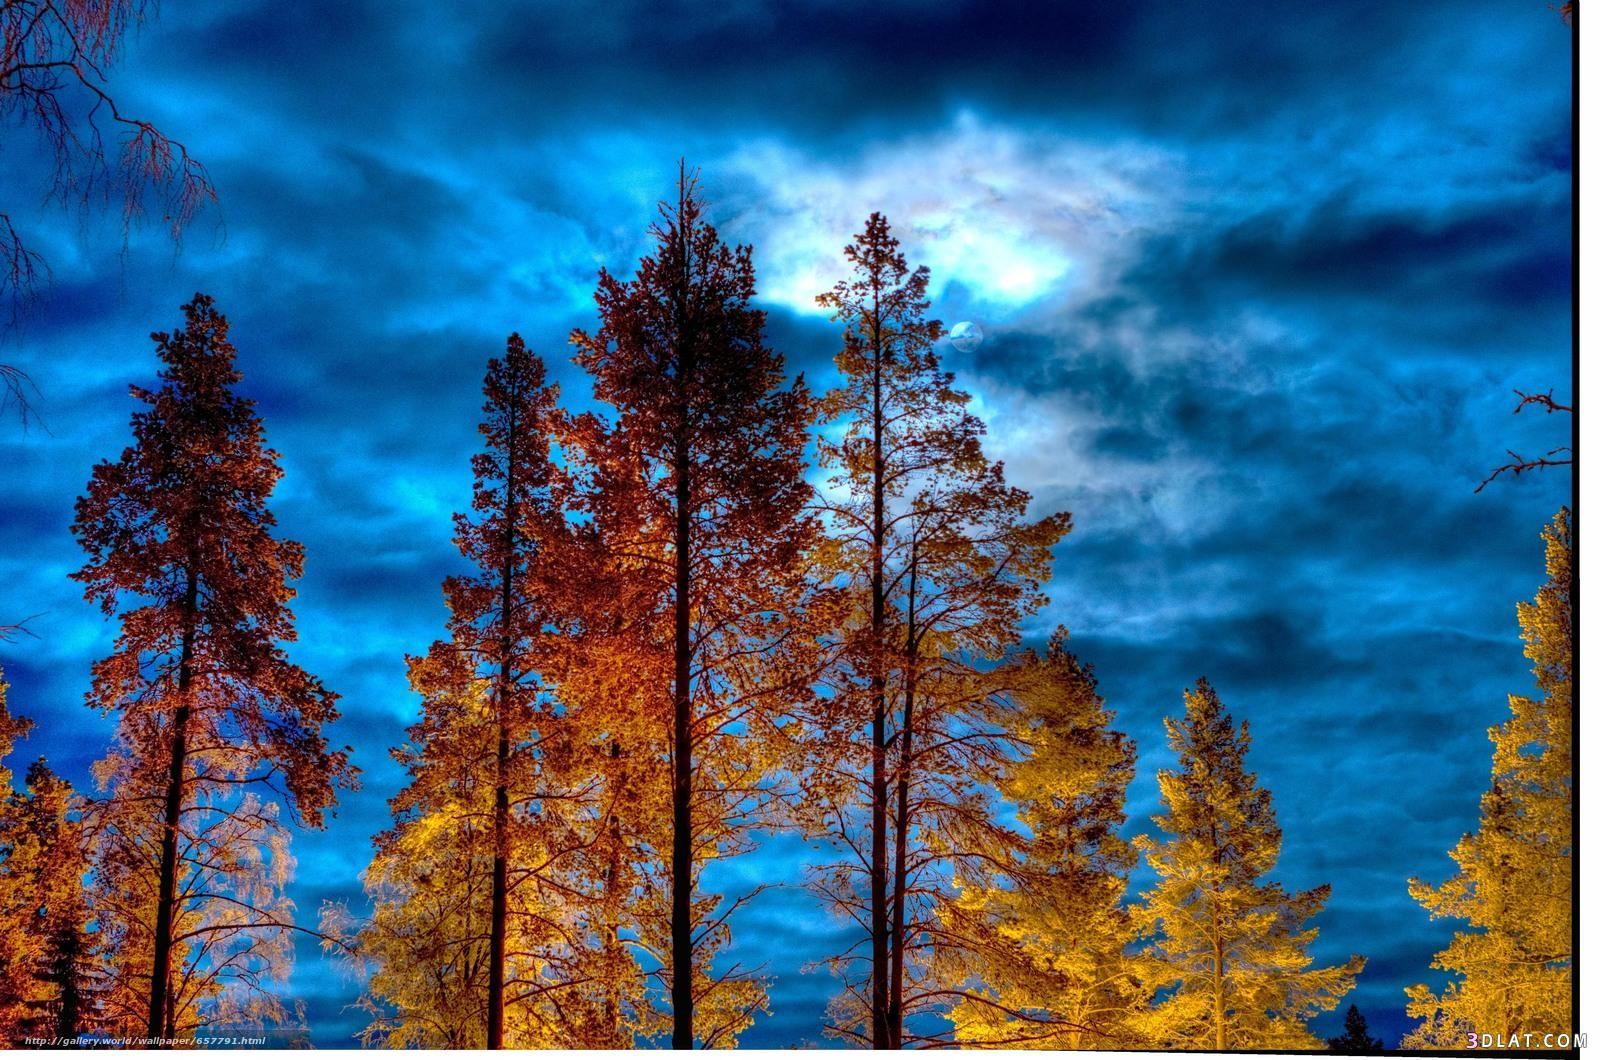 الطبيعة الخلابة 2018 أجمل خلفيات للطبيعة 3dlat Com 13 18 Ee7f Tree Wallpaper Wallpaper Tree